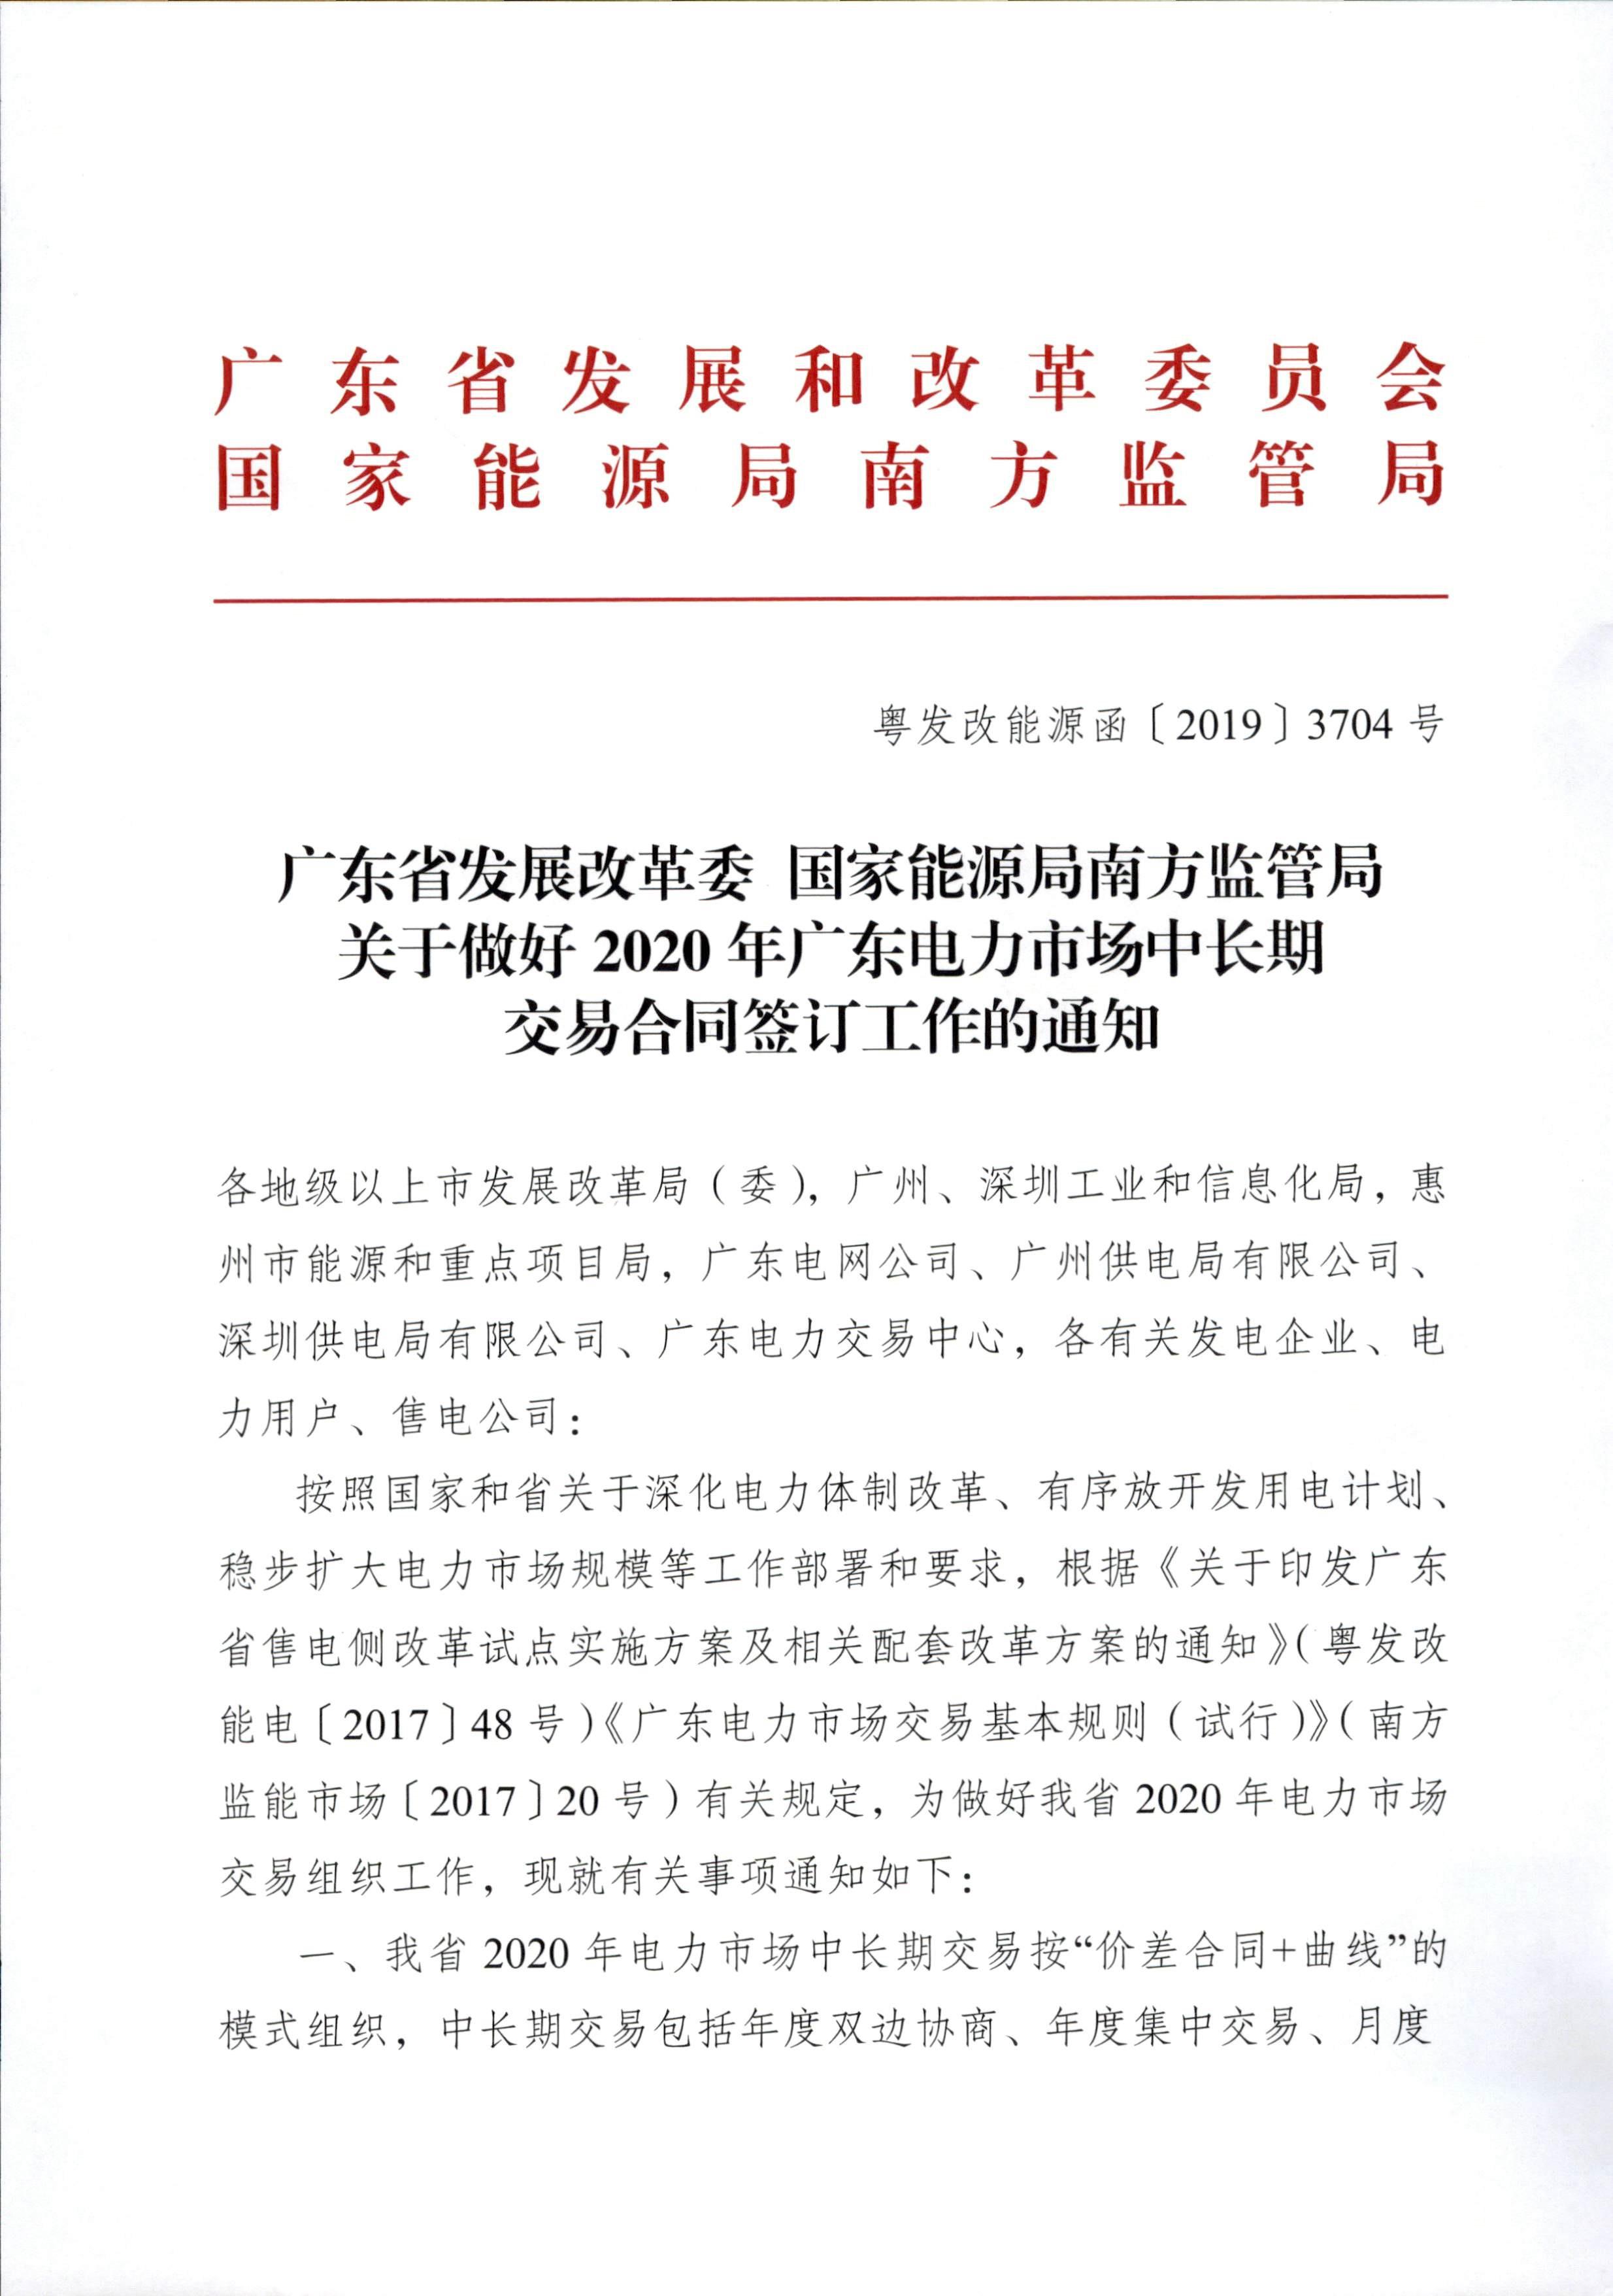 广东省发展改革委 国家能源局南方监管局关于做好2020年广东电力市场中长期交易合同签订工作的通知